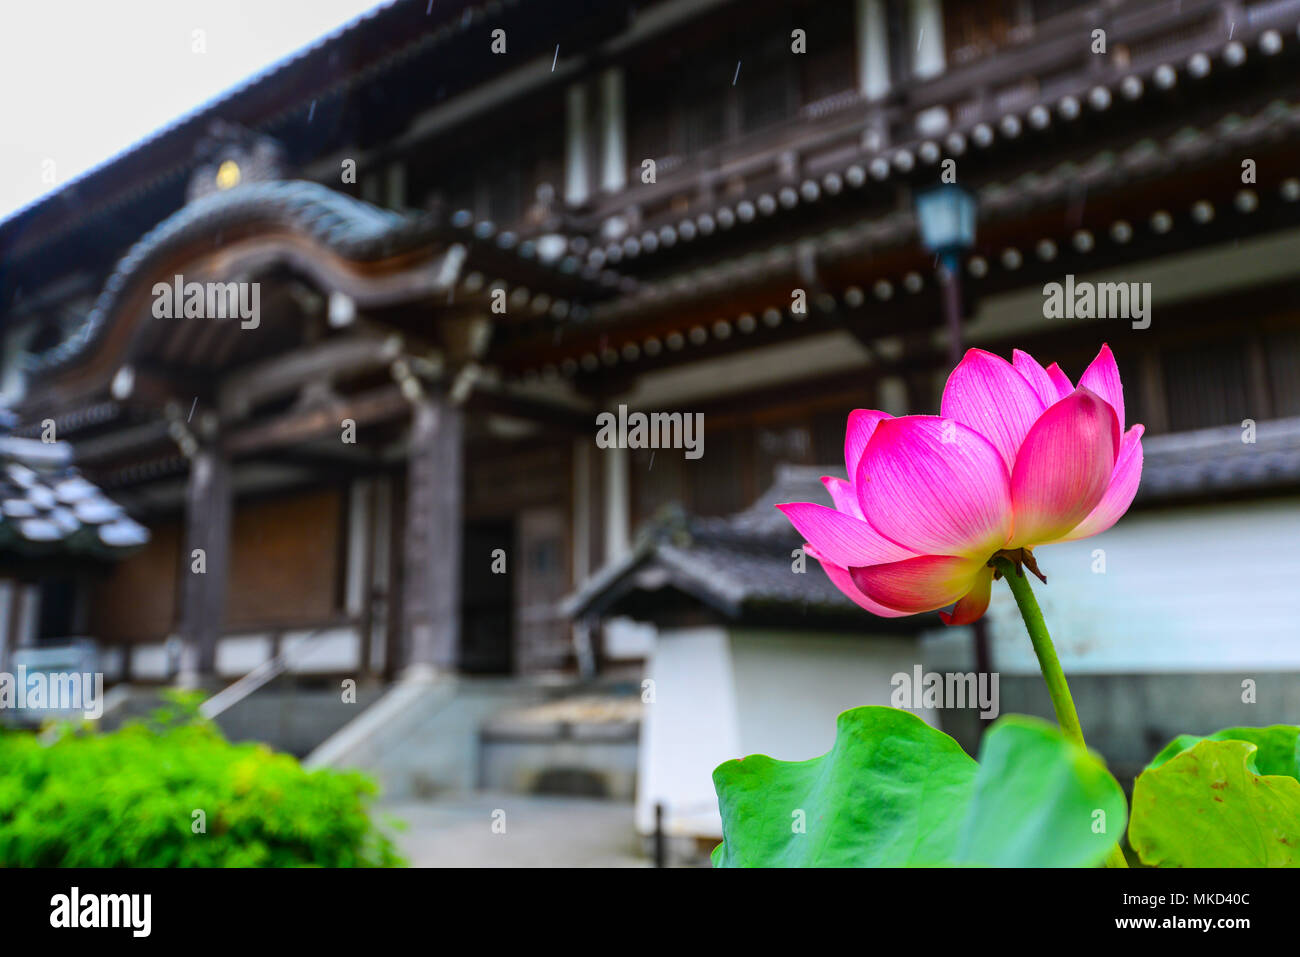 Pink Lotus Design Background In Photos Pink Lotus Design